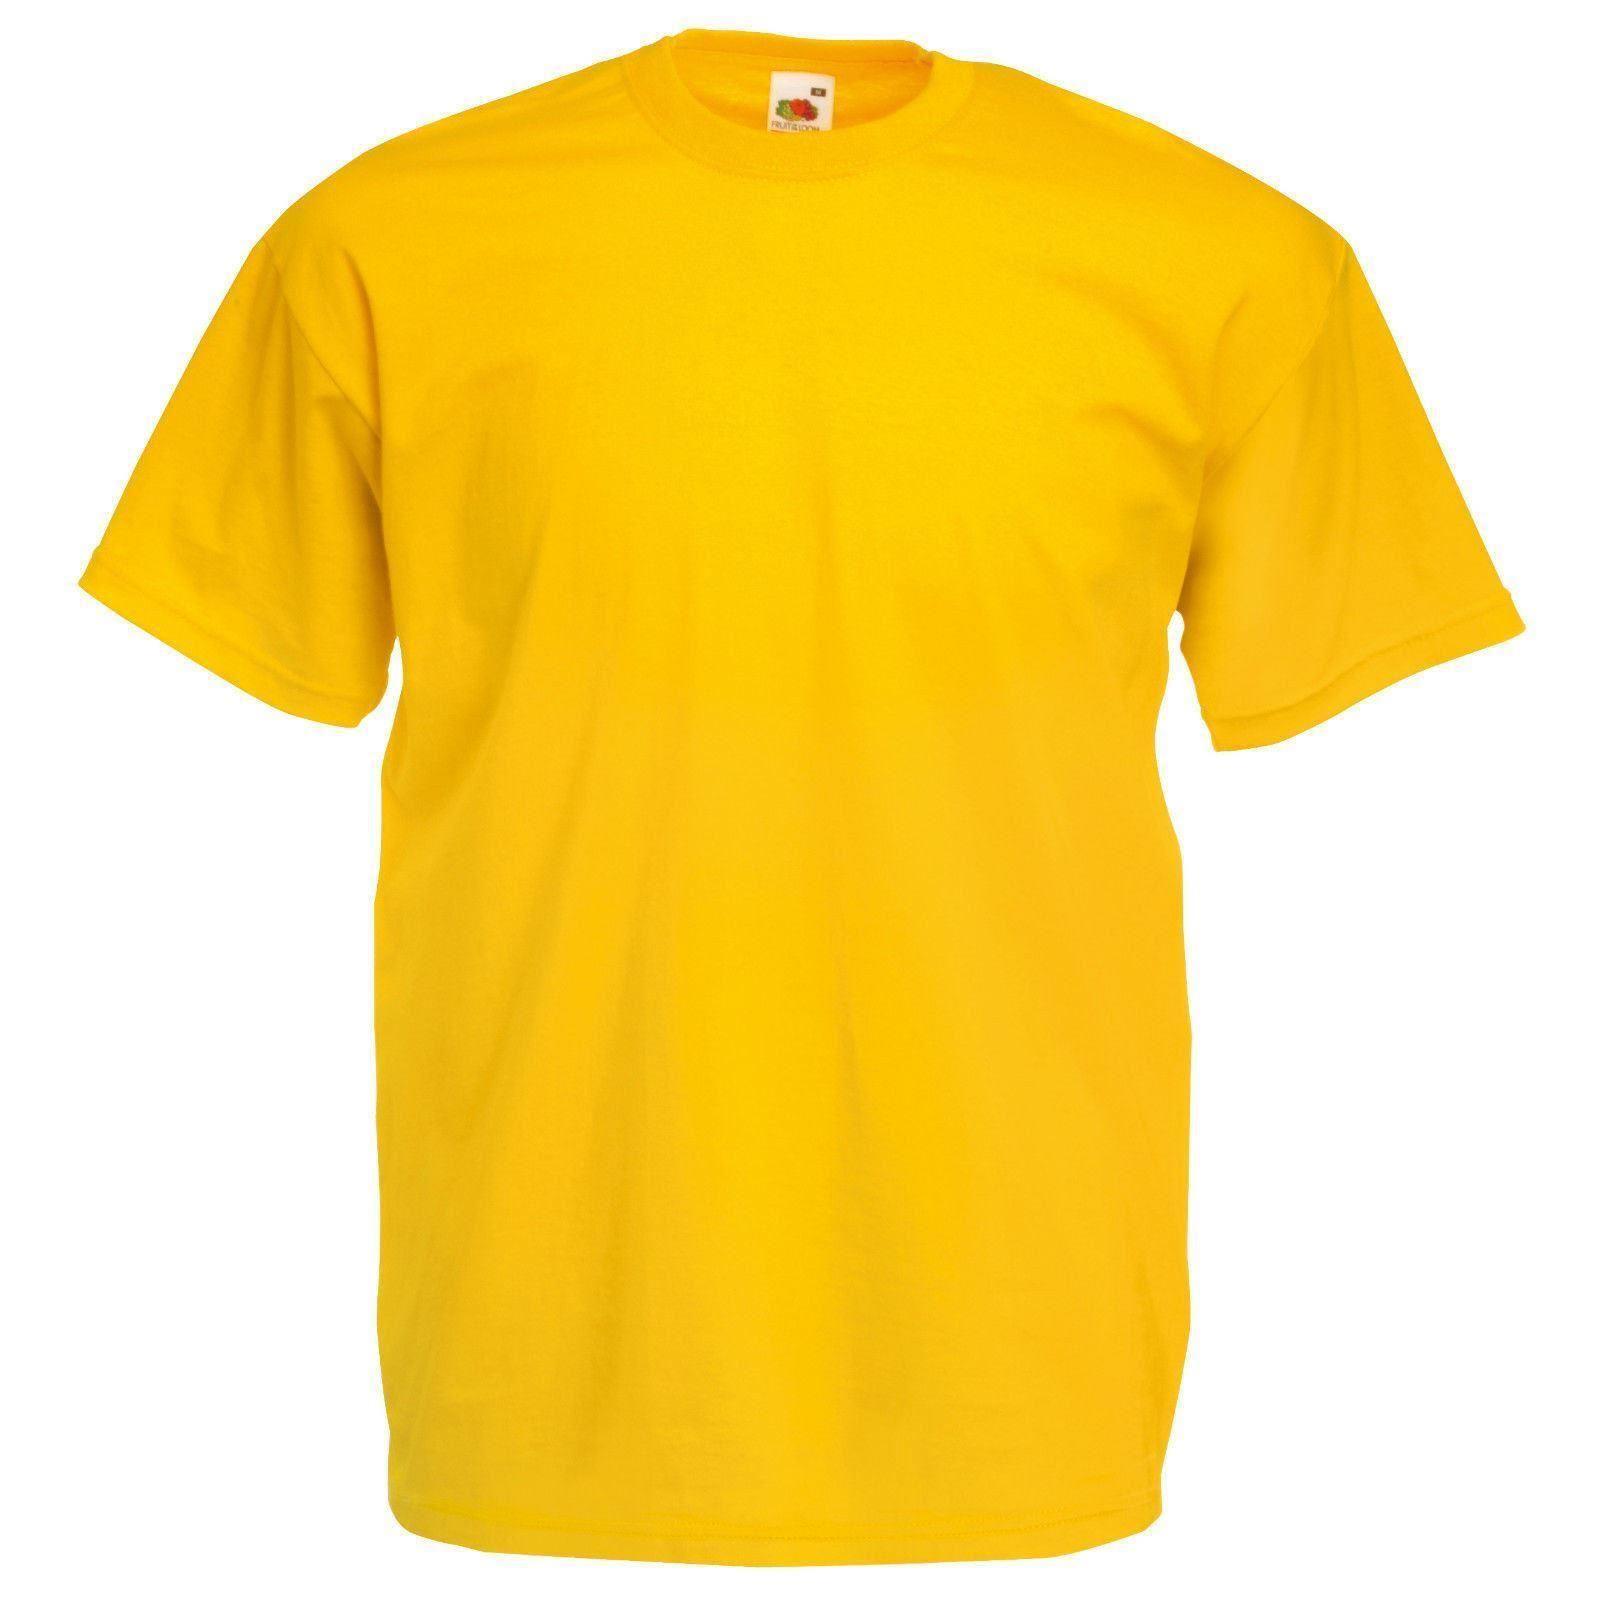 Amarillo-Fruit-of-the-Loom-Para-Hombre-Suave-Hilado-Camiseta-Llano